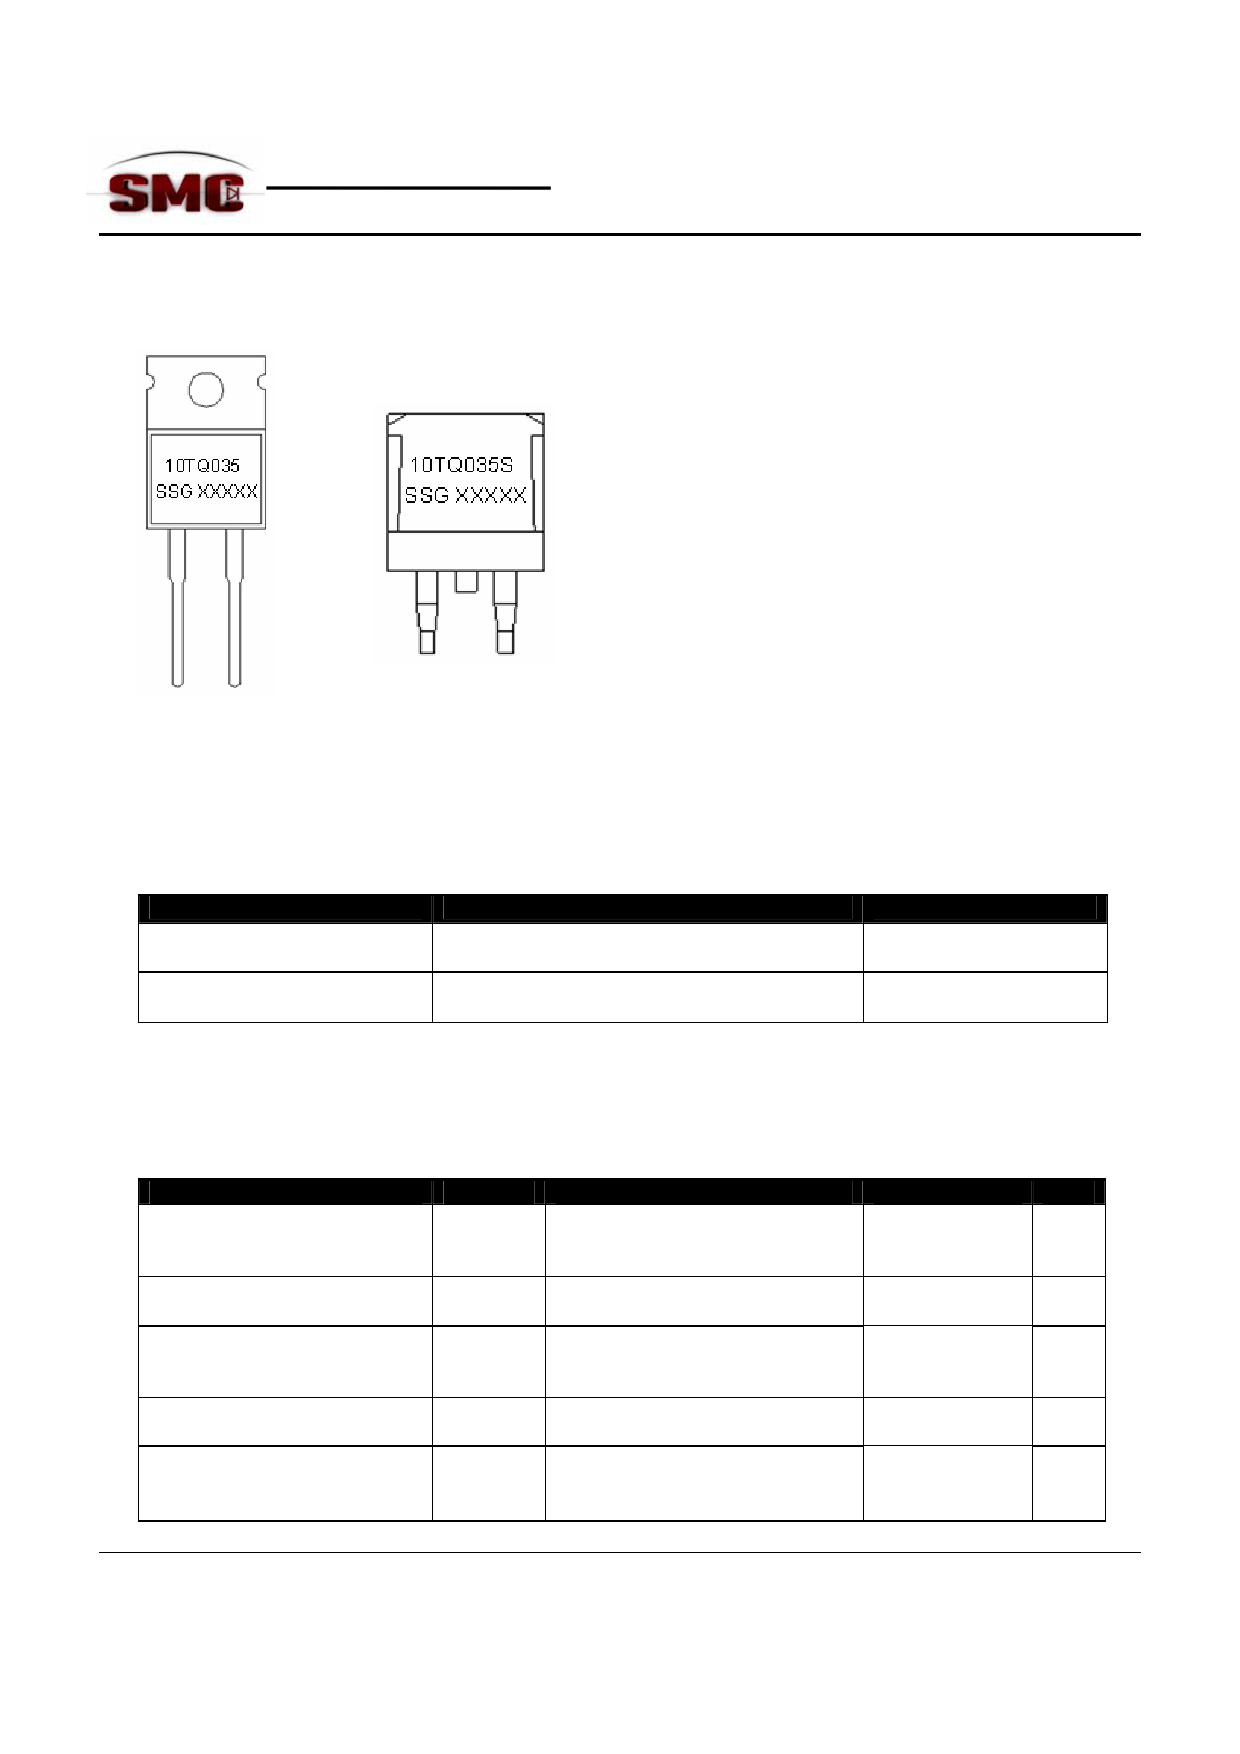 10TQ035S pdf, ピン配列